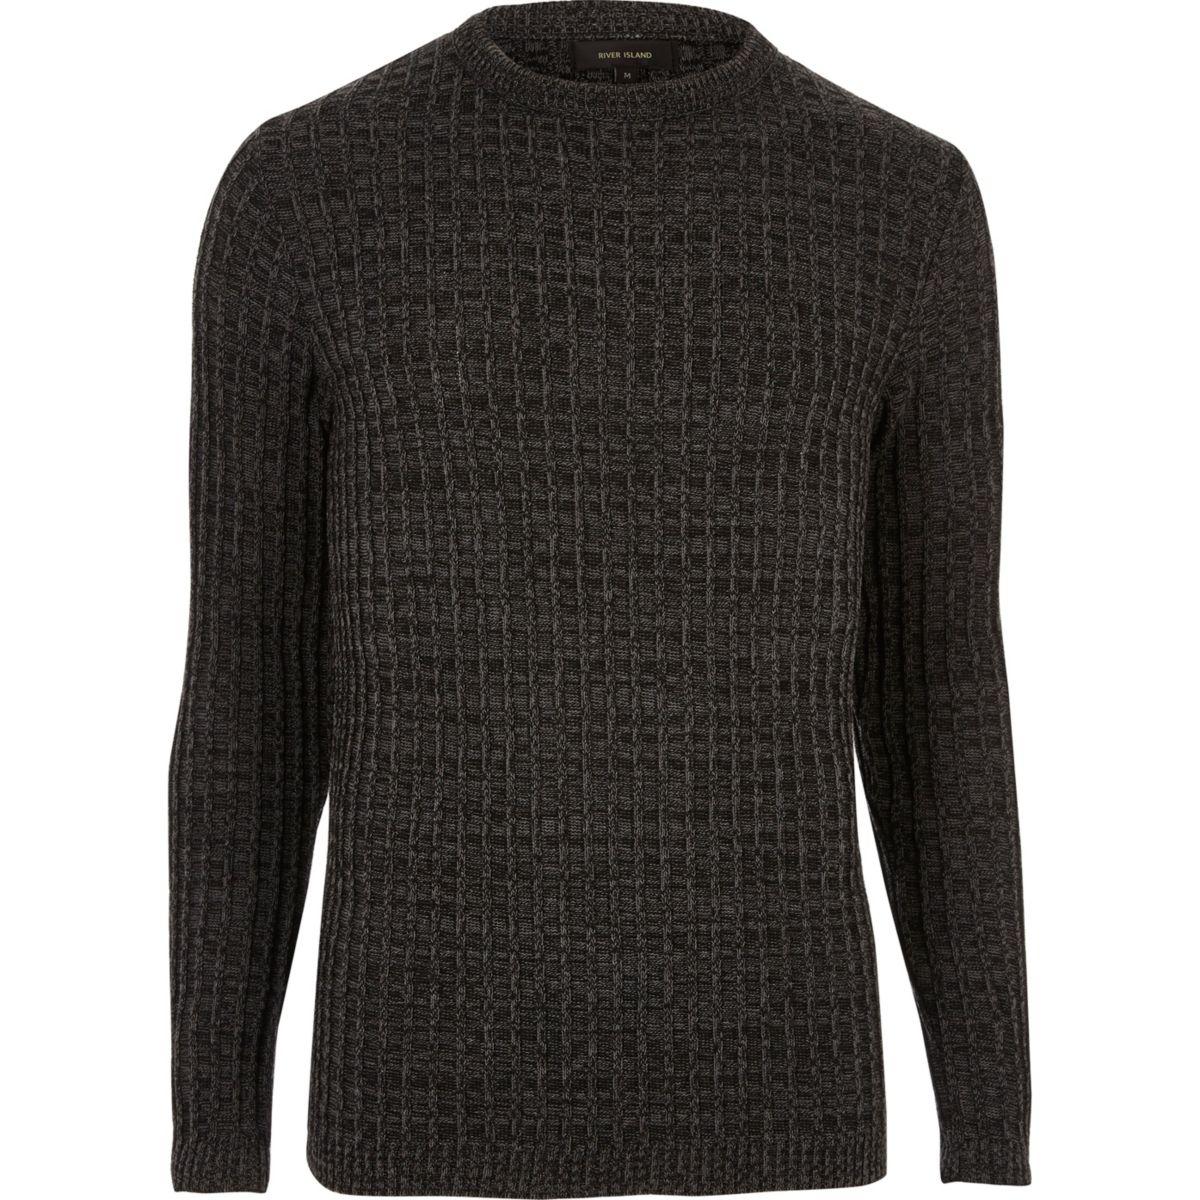 Dark grey twist slim fit jumper